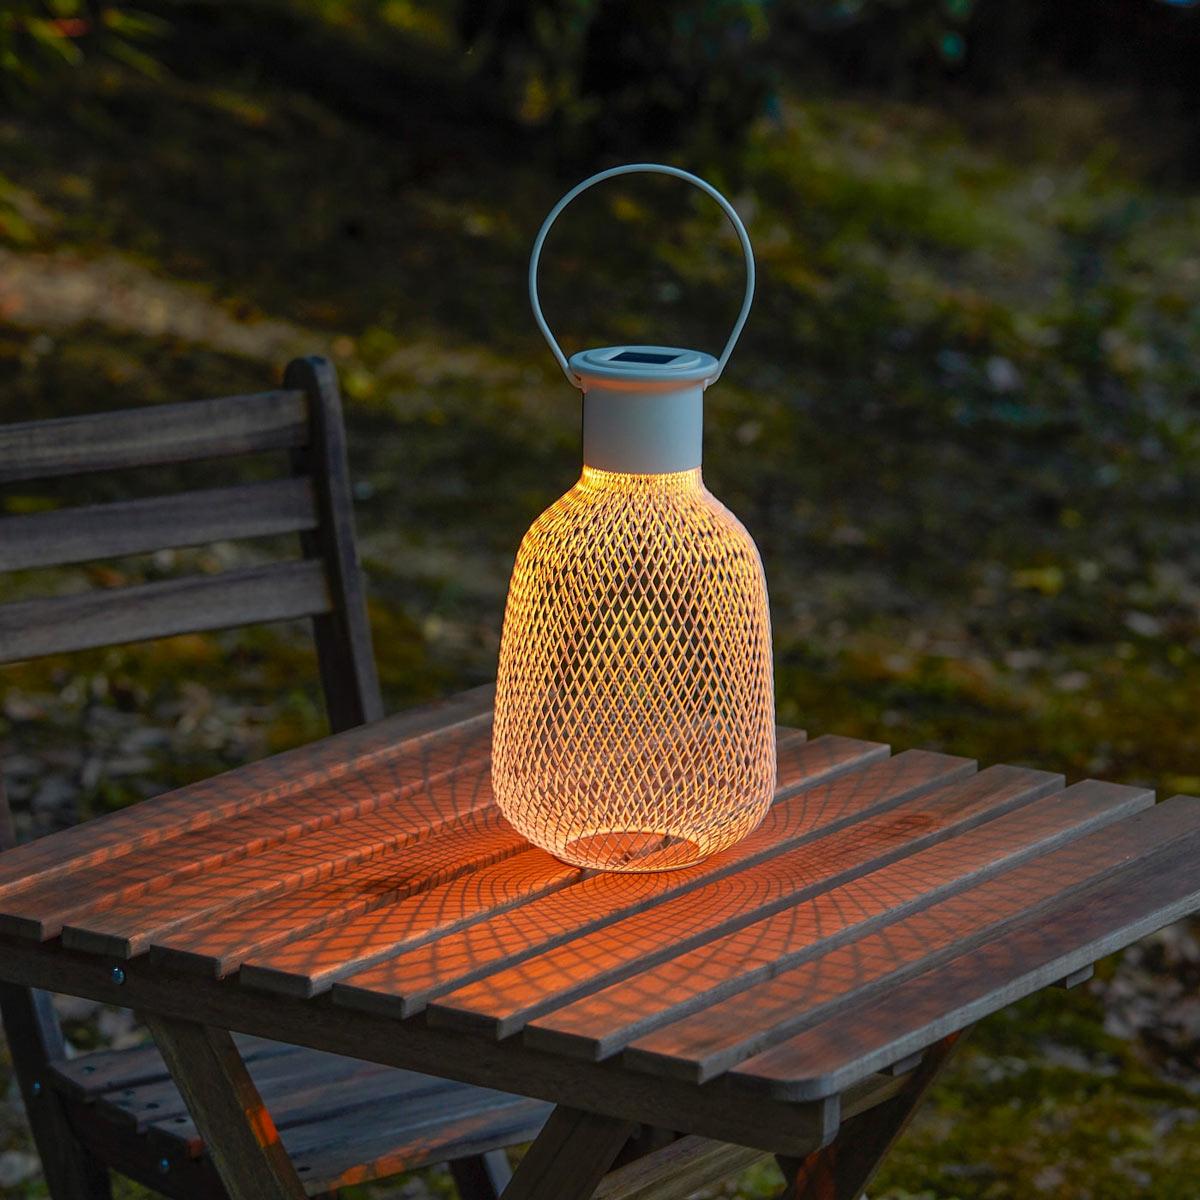 Luce a forma di candele IKEA ad energia solare.